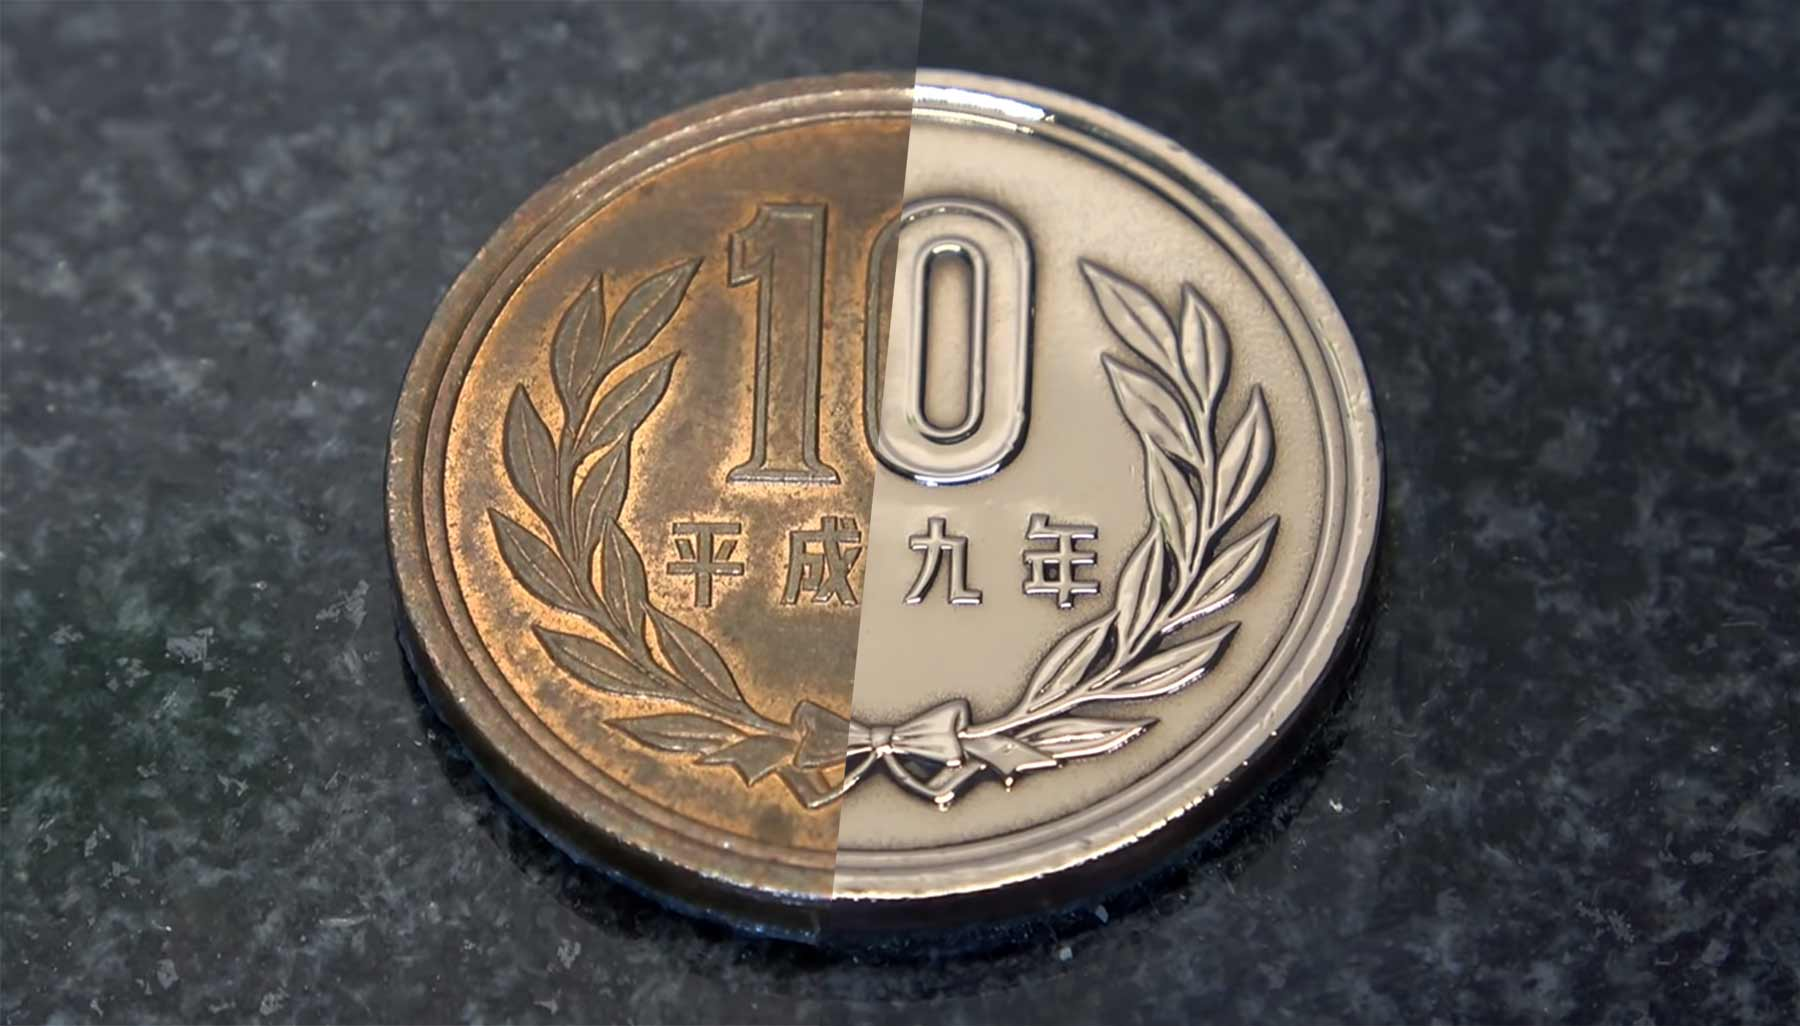 Alte Münze auf Hochglanz poliert